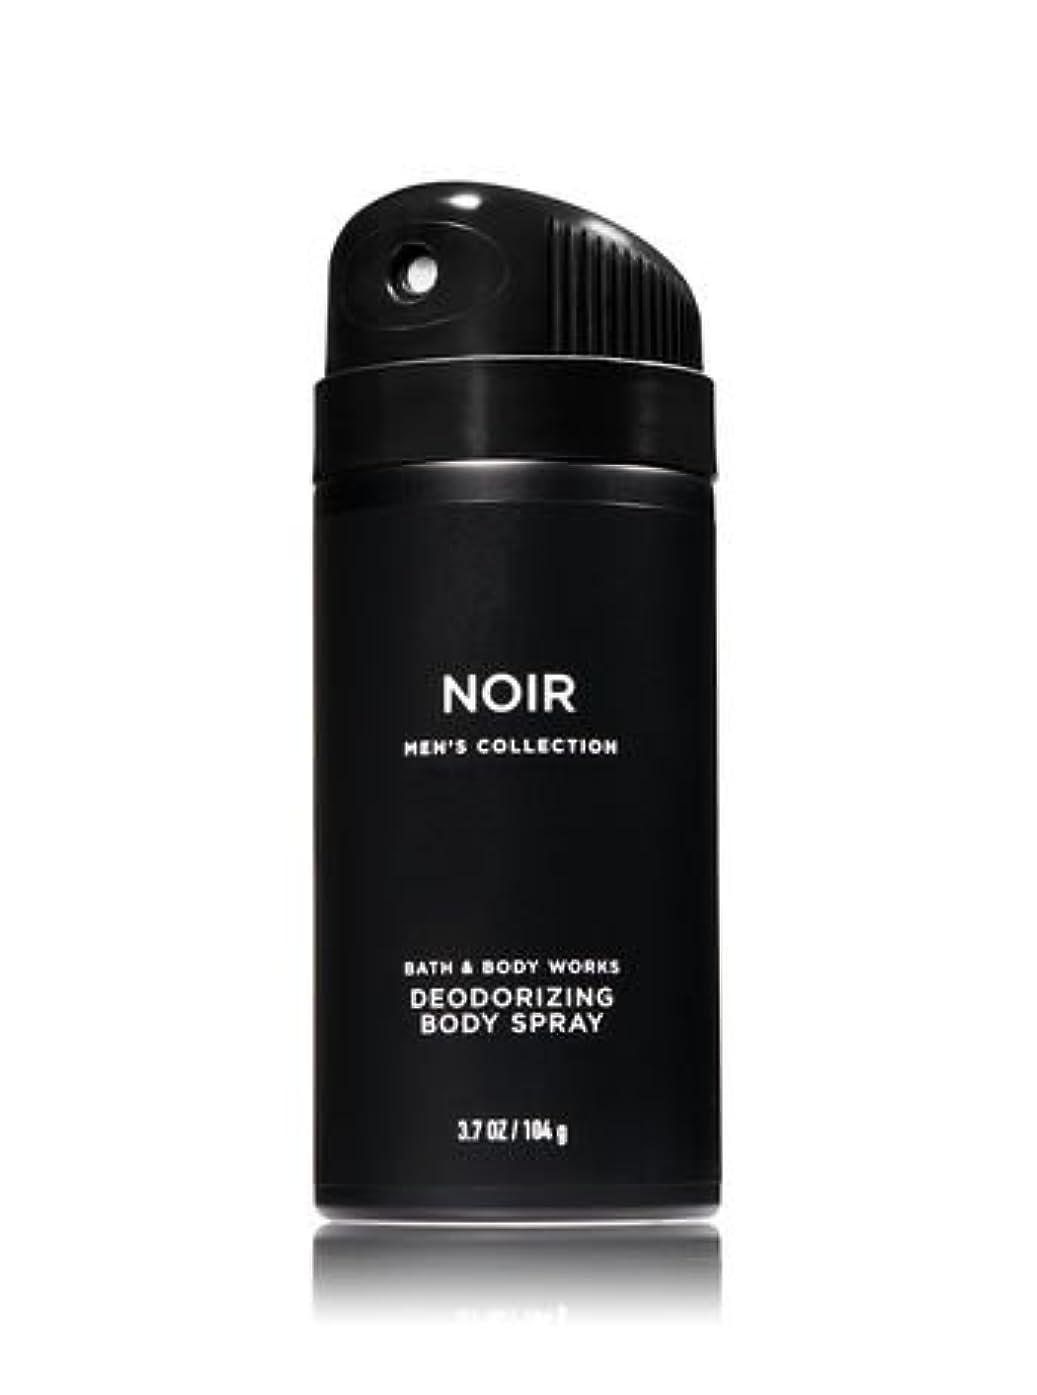 オープニング潜む追い出すバス&ボディワークス ノアール フォーメン デオドラント スプレー NOIR For MEN Deodoraizing Body Spray [並行輸入品]